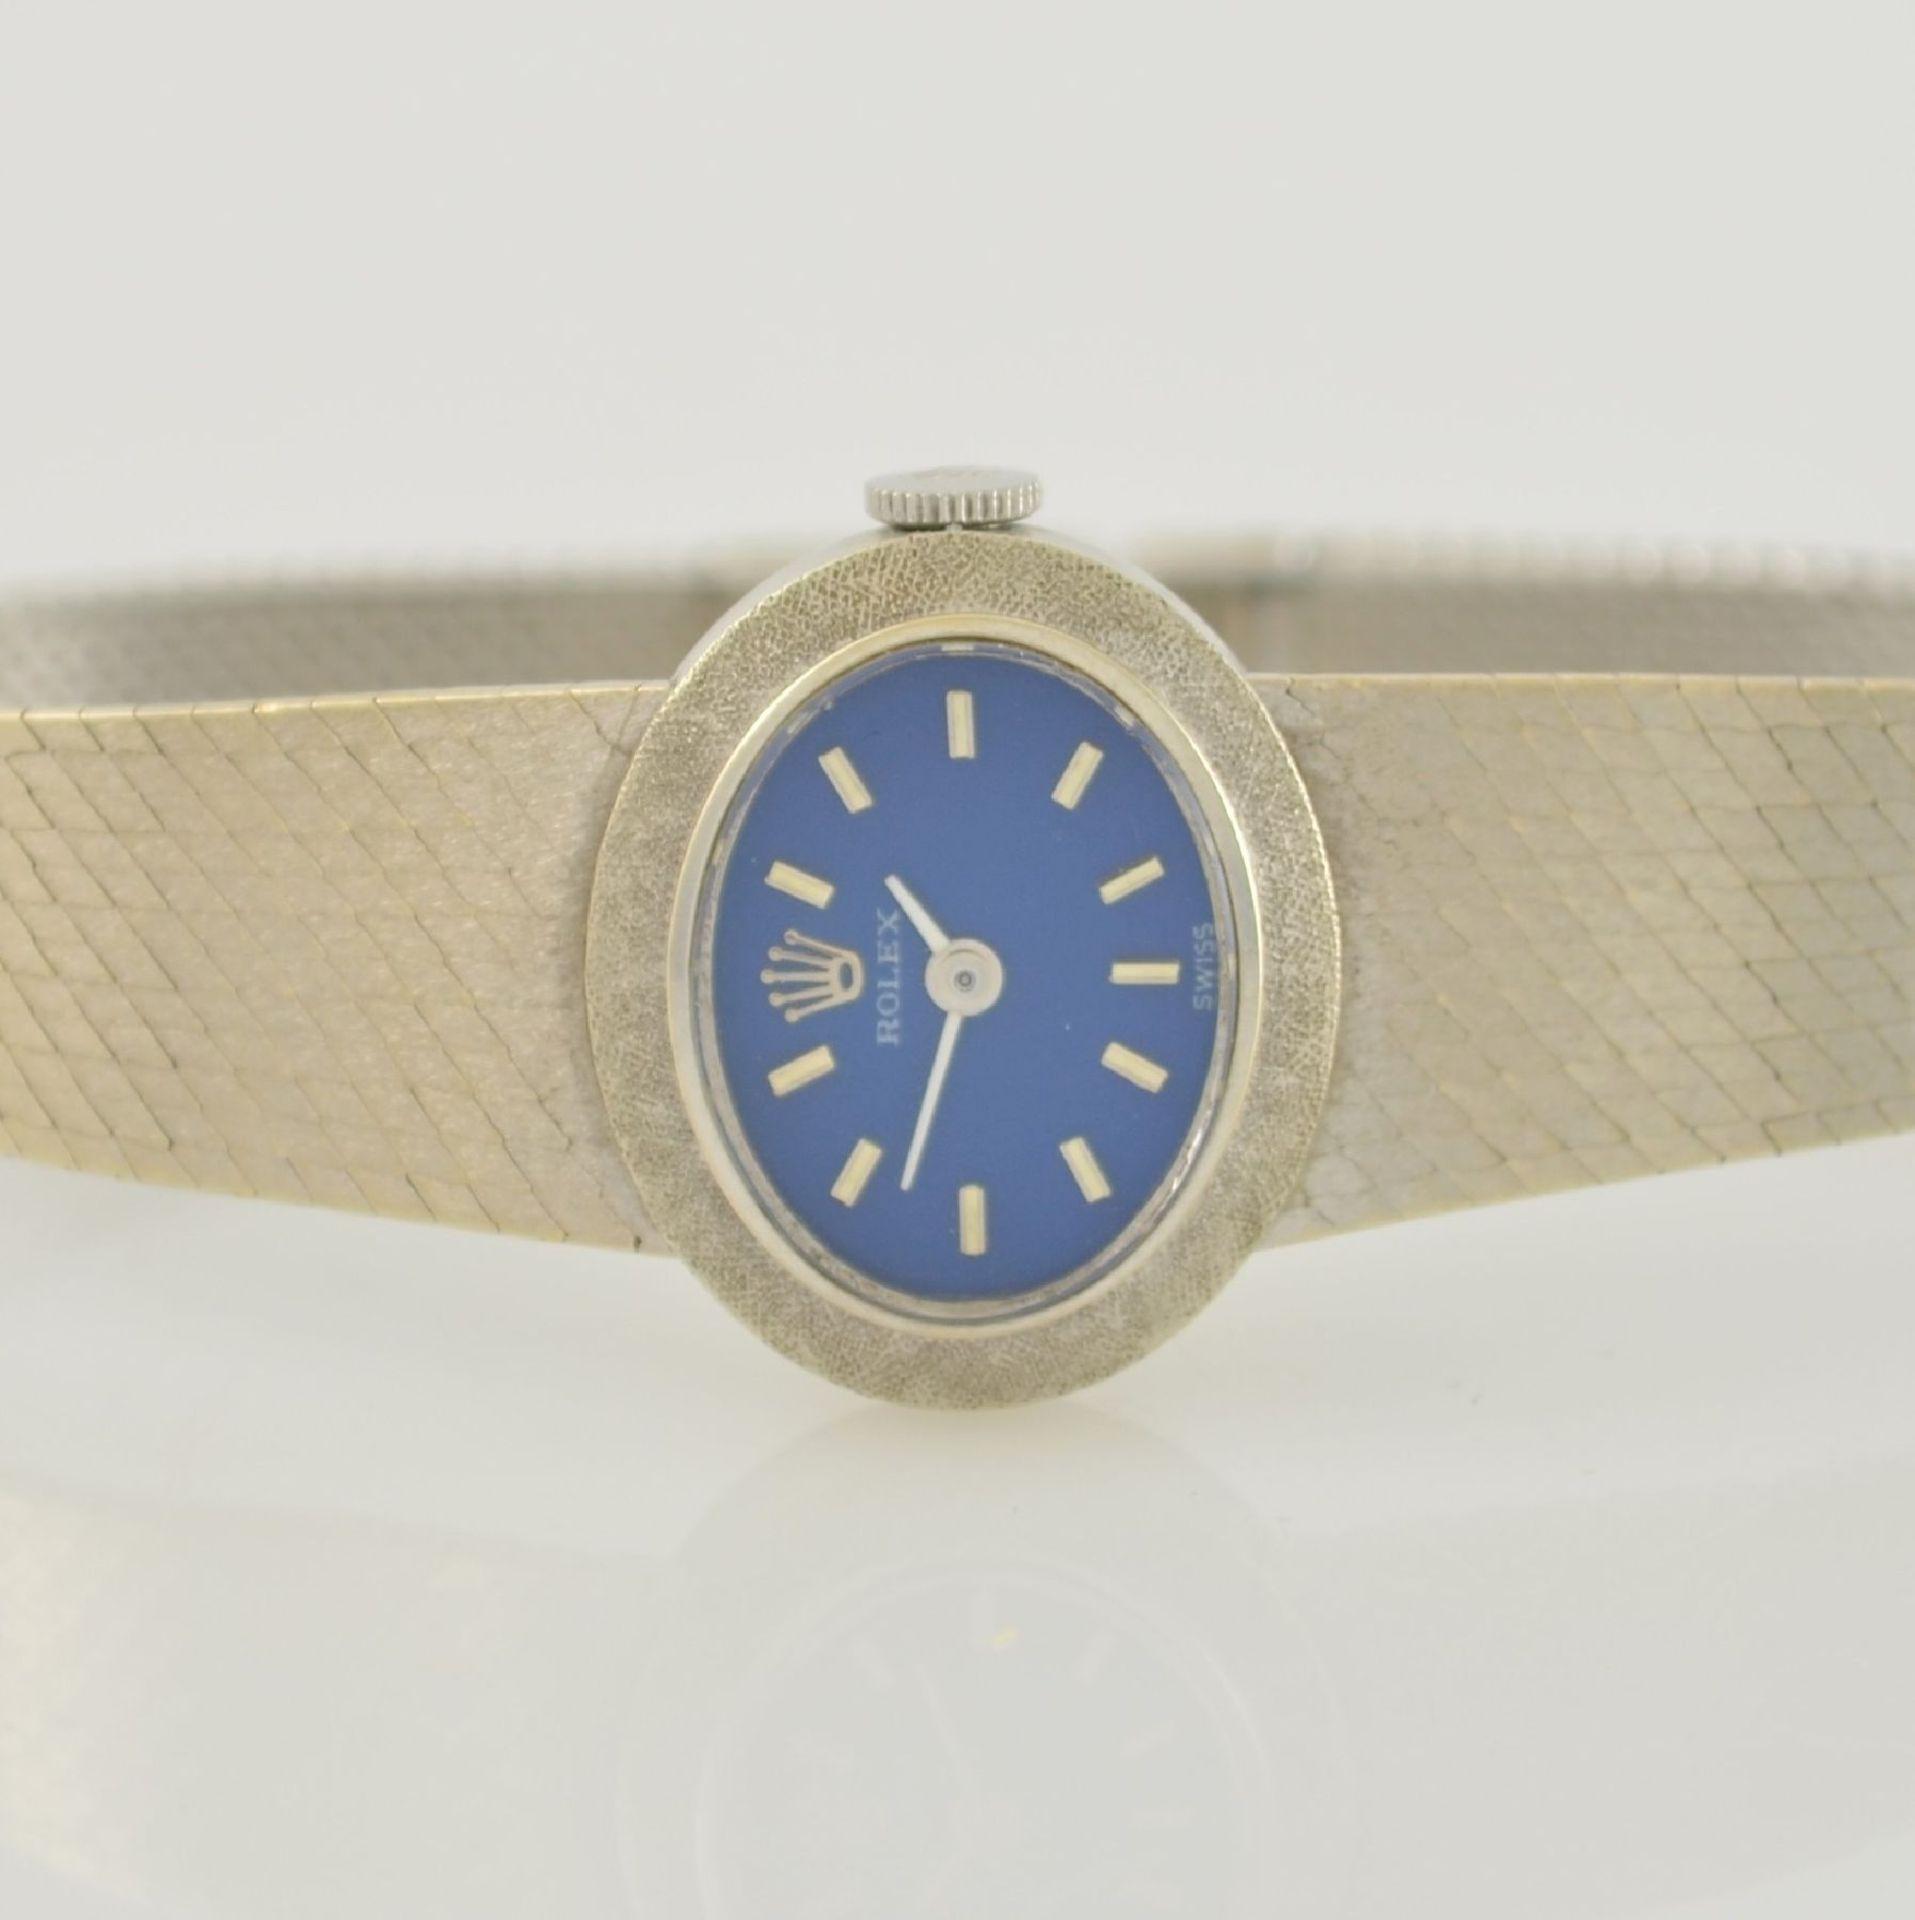 ROLEX Damenarmbanduhr in WG 750/000, Schweiz 1960er Jahre, Handaufzug, Boden aufgedr., - Bild 2 aus 6